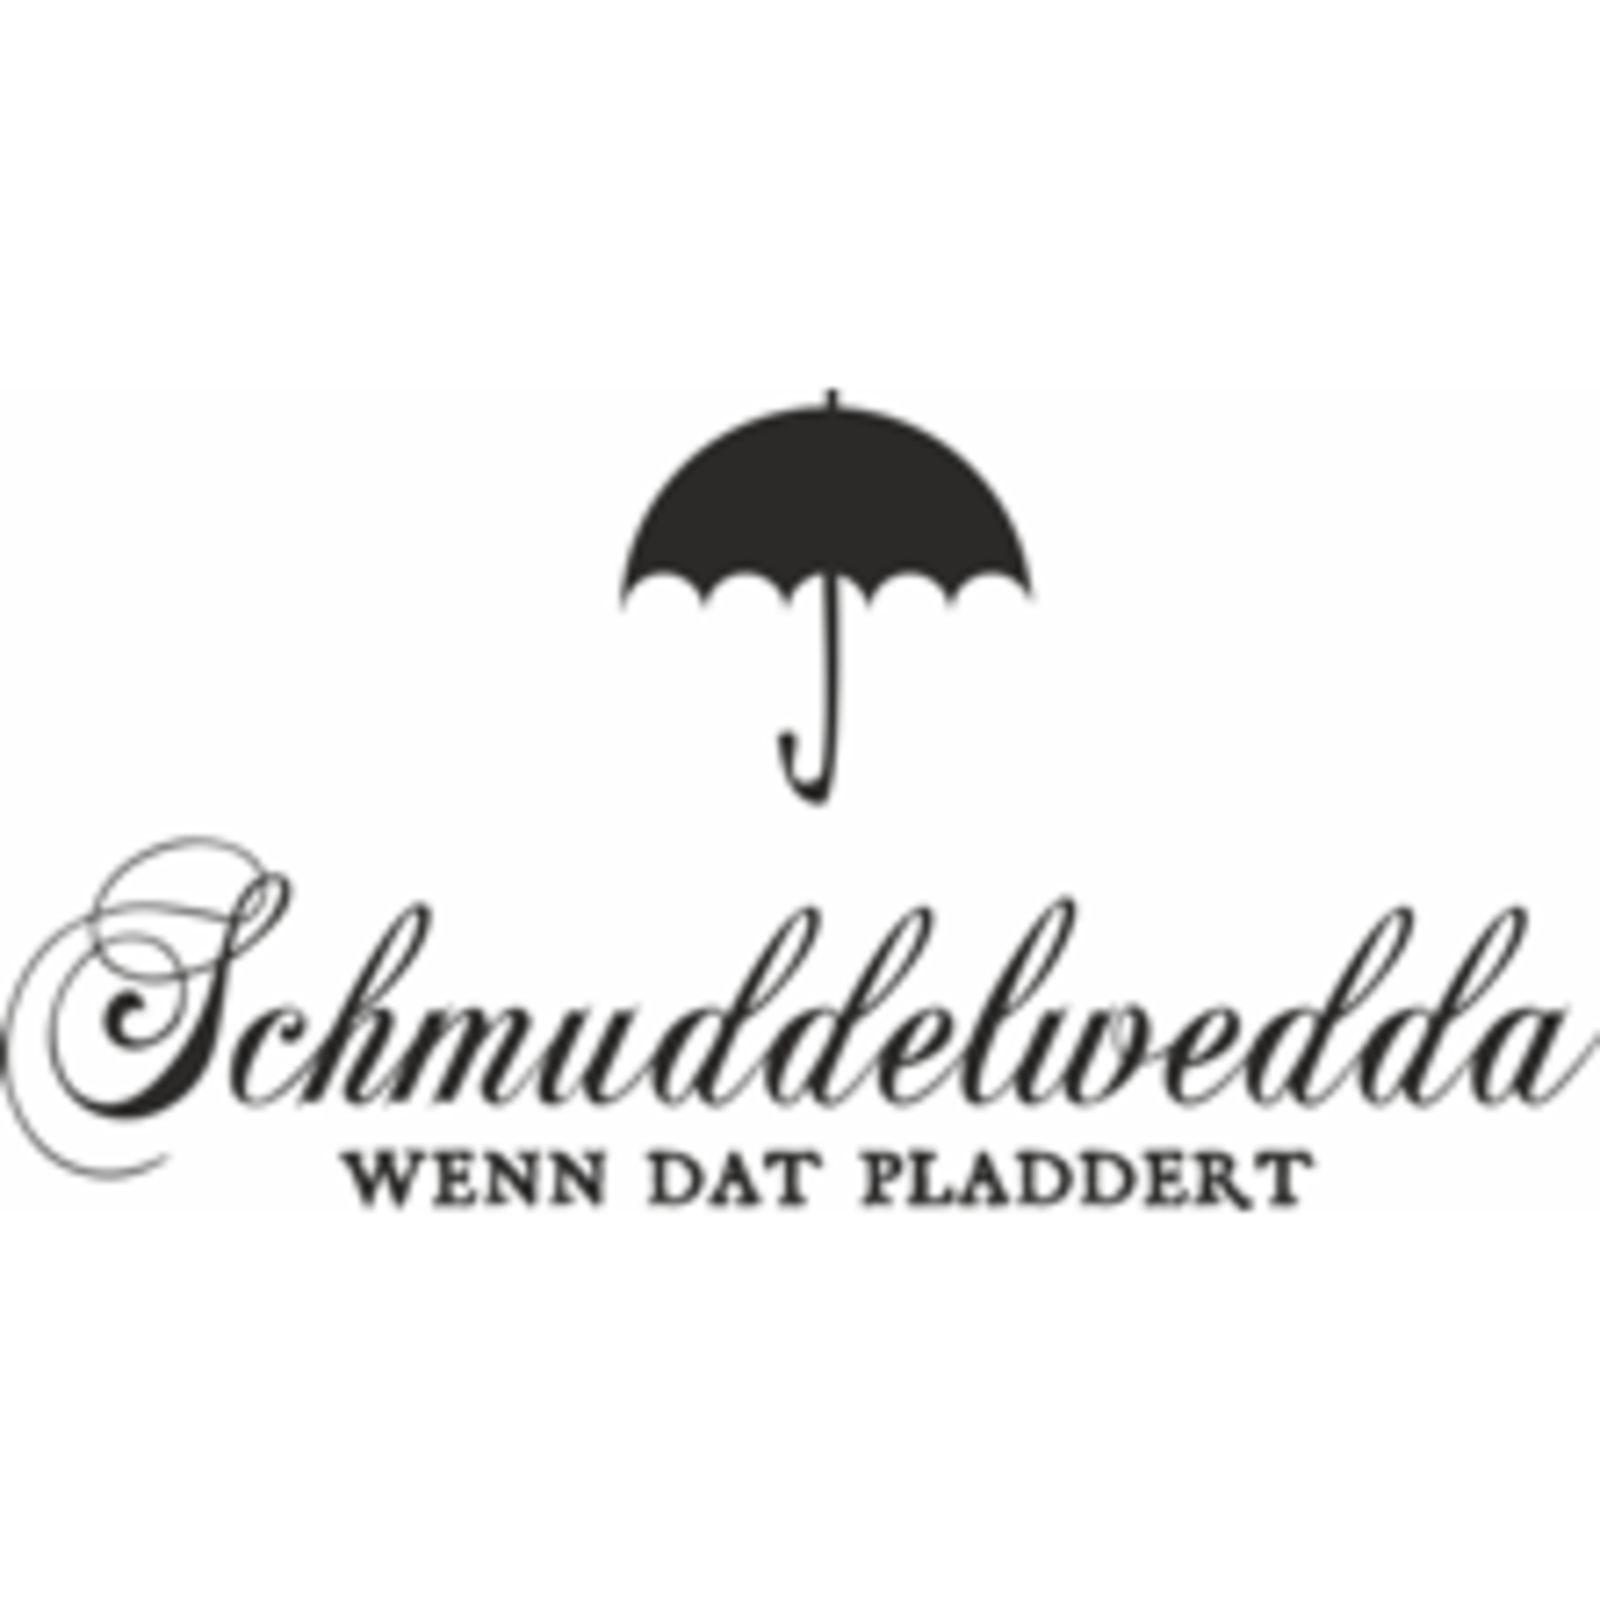 Schmuddelwedda (Bild 1)